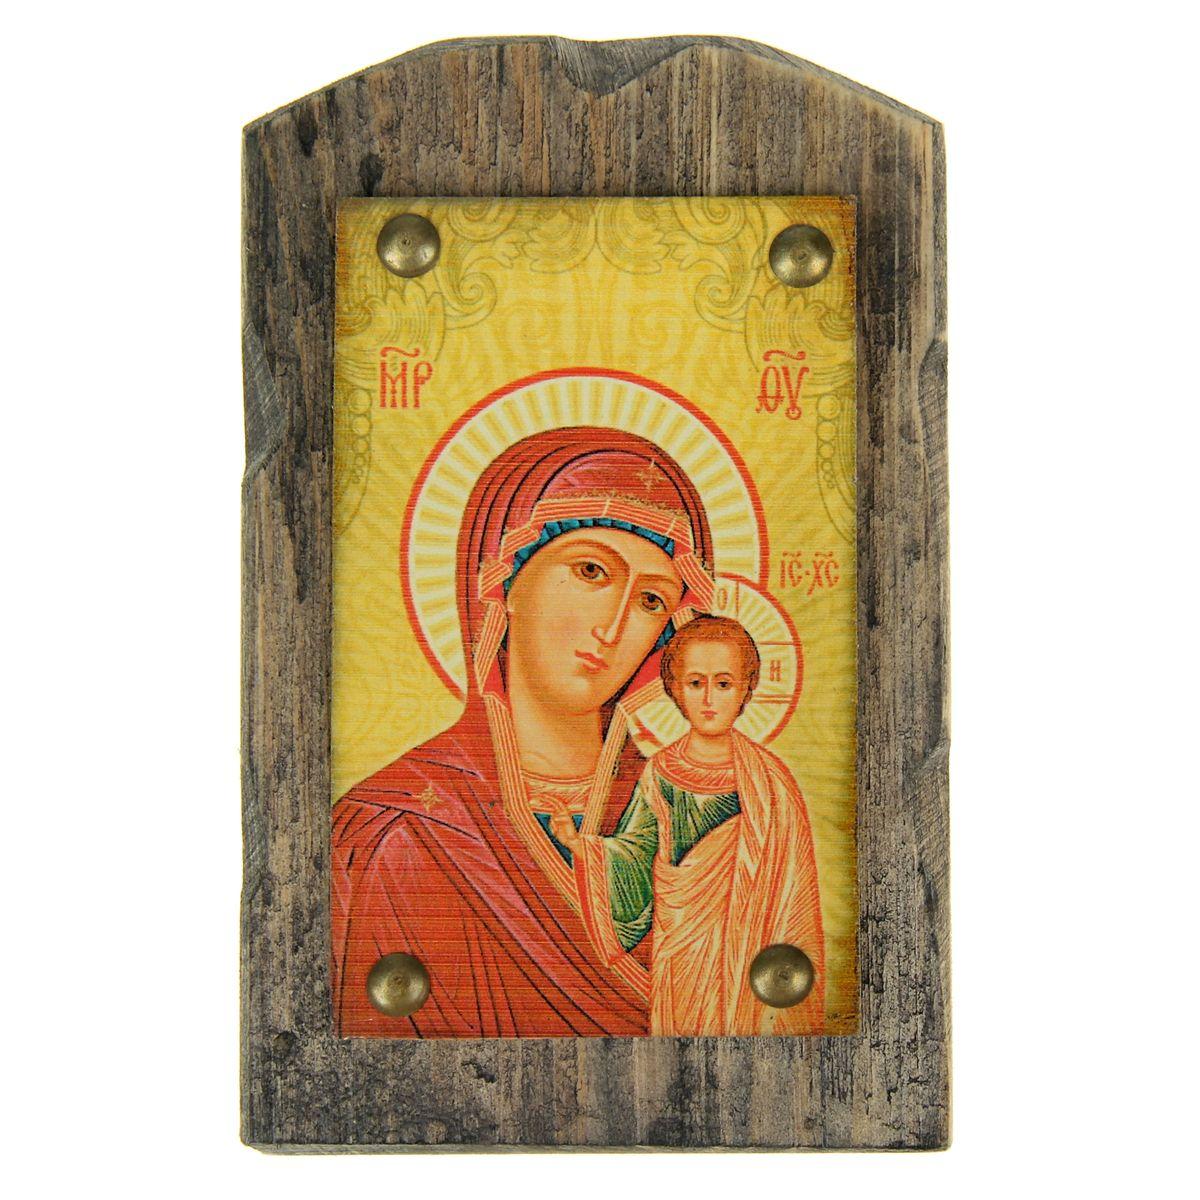 Икона на дереве Казанская икона Божией Матери, 9,5 см х 15 см икона qiwi